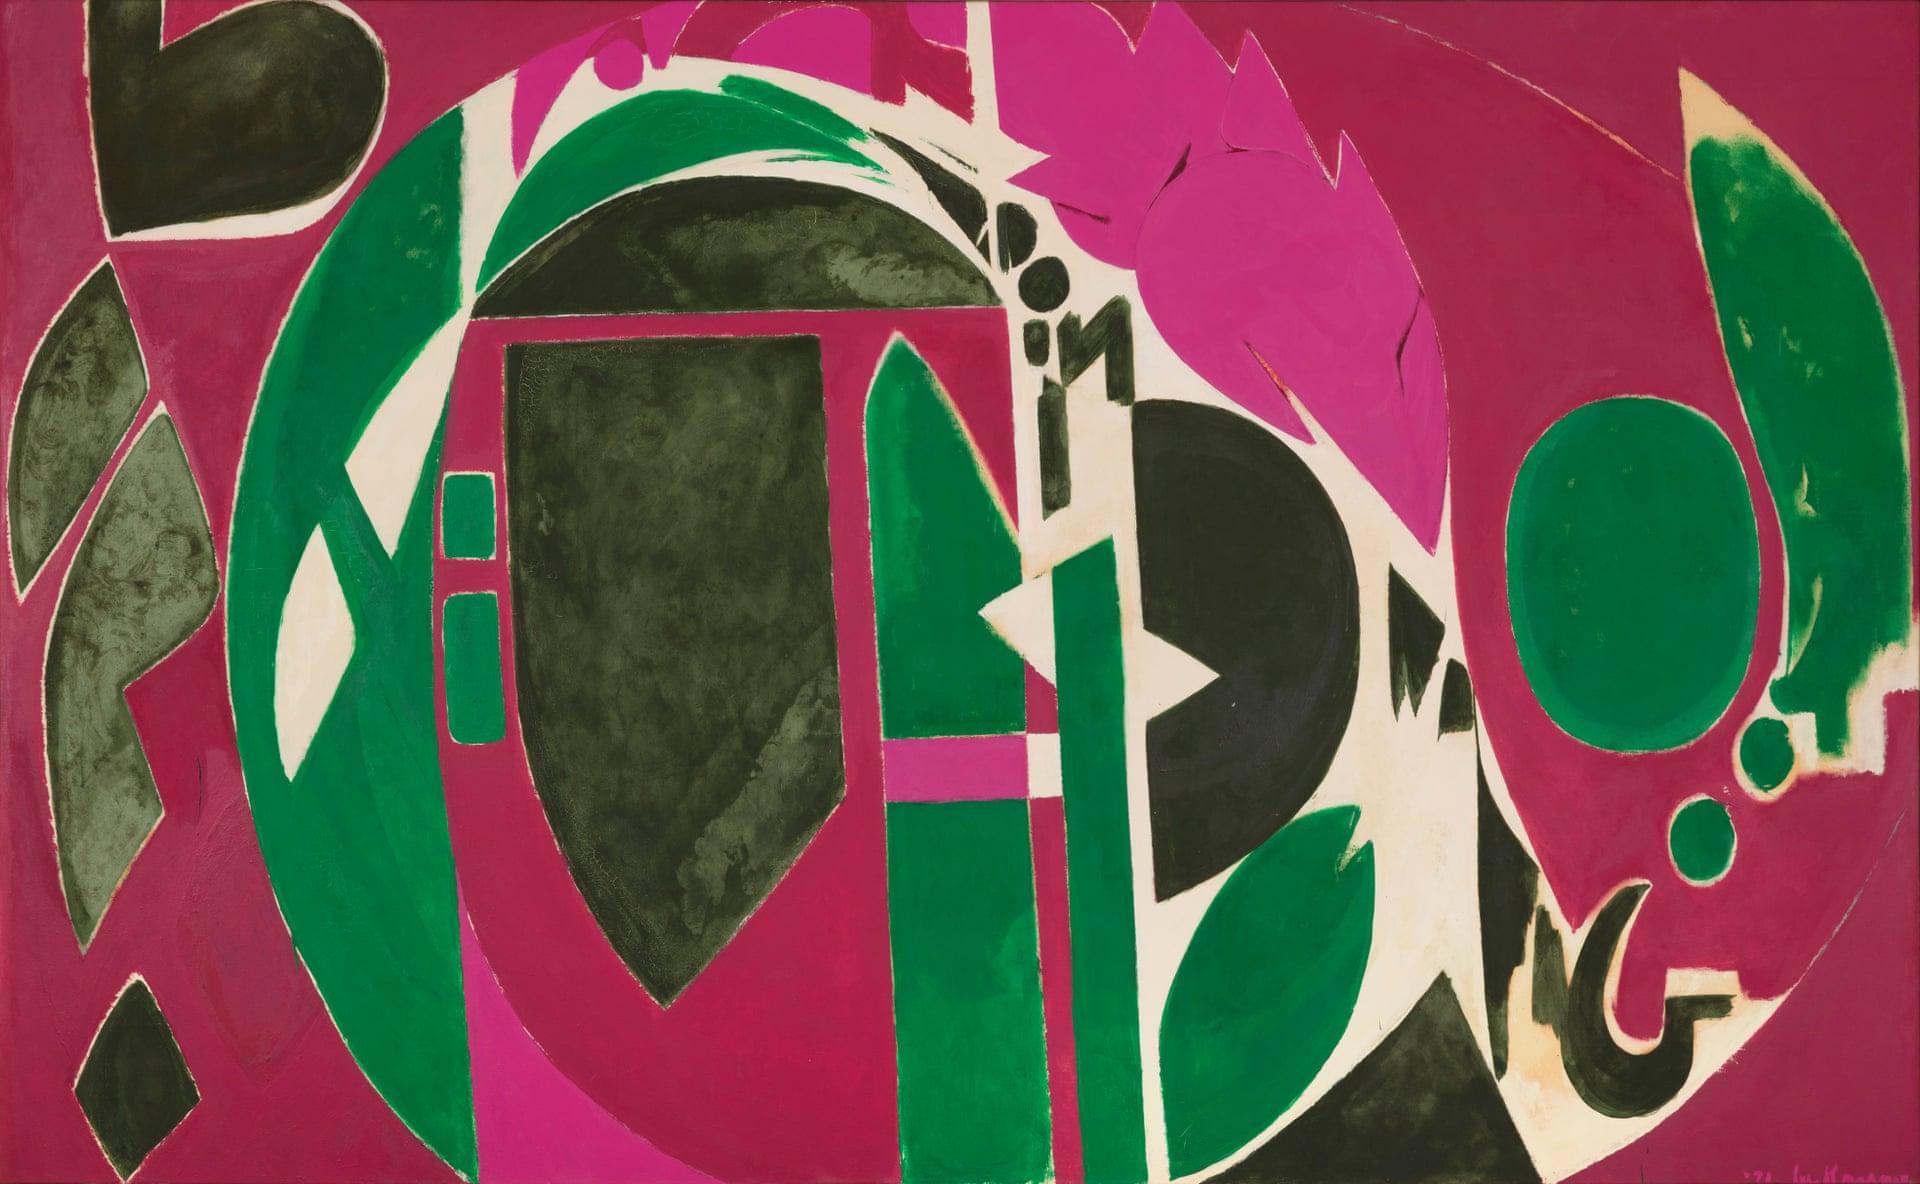 Lee Krasner, Palingenesis, 1971